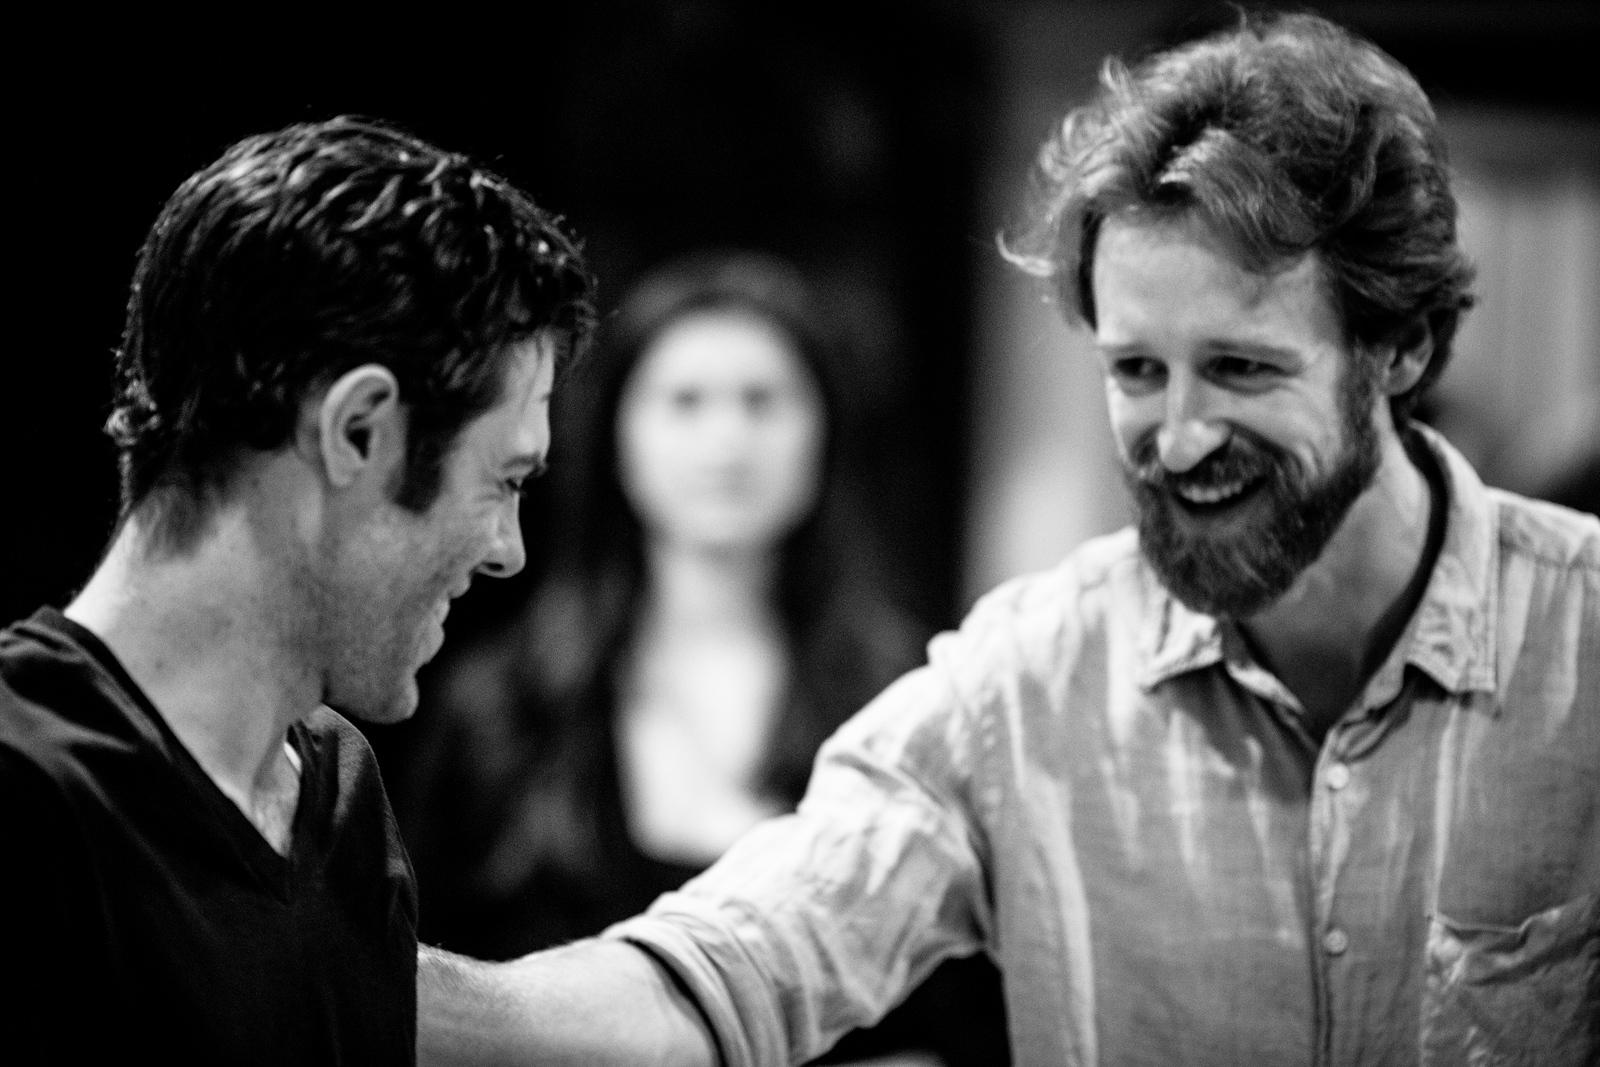 Josh Clark (Banquo), Calder Shilling (Macbeth), and Ally Farzetta (Lady Macbeth)  in rehearsal for MACBETH. Photo by Jay McClure.